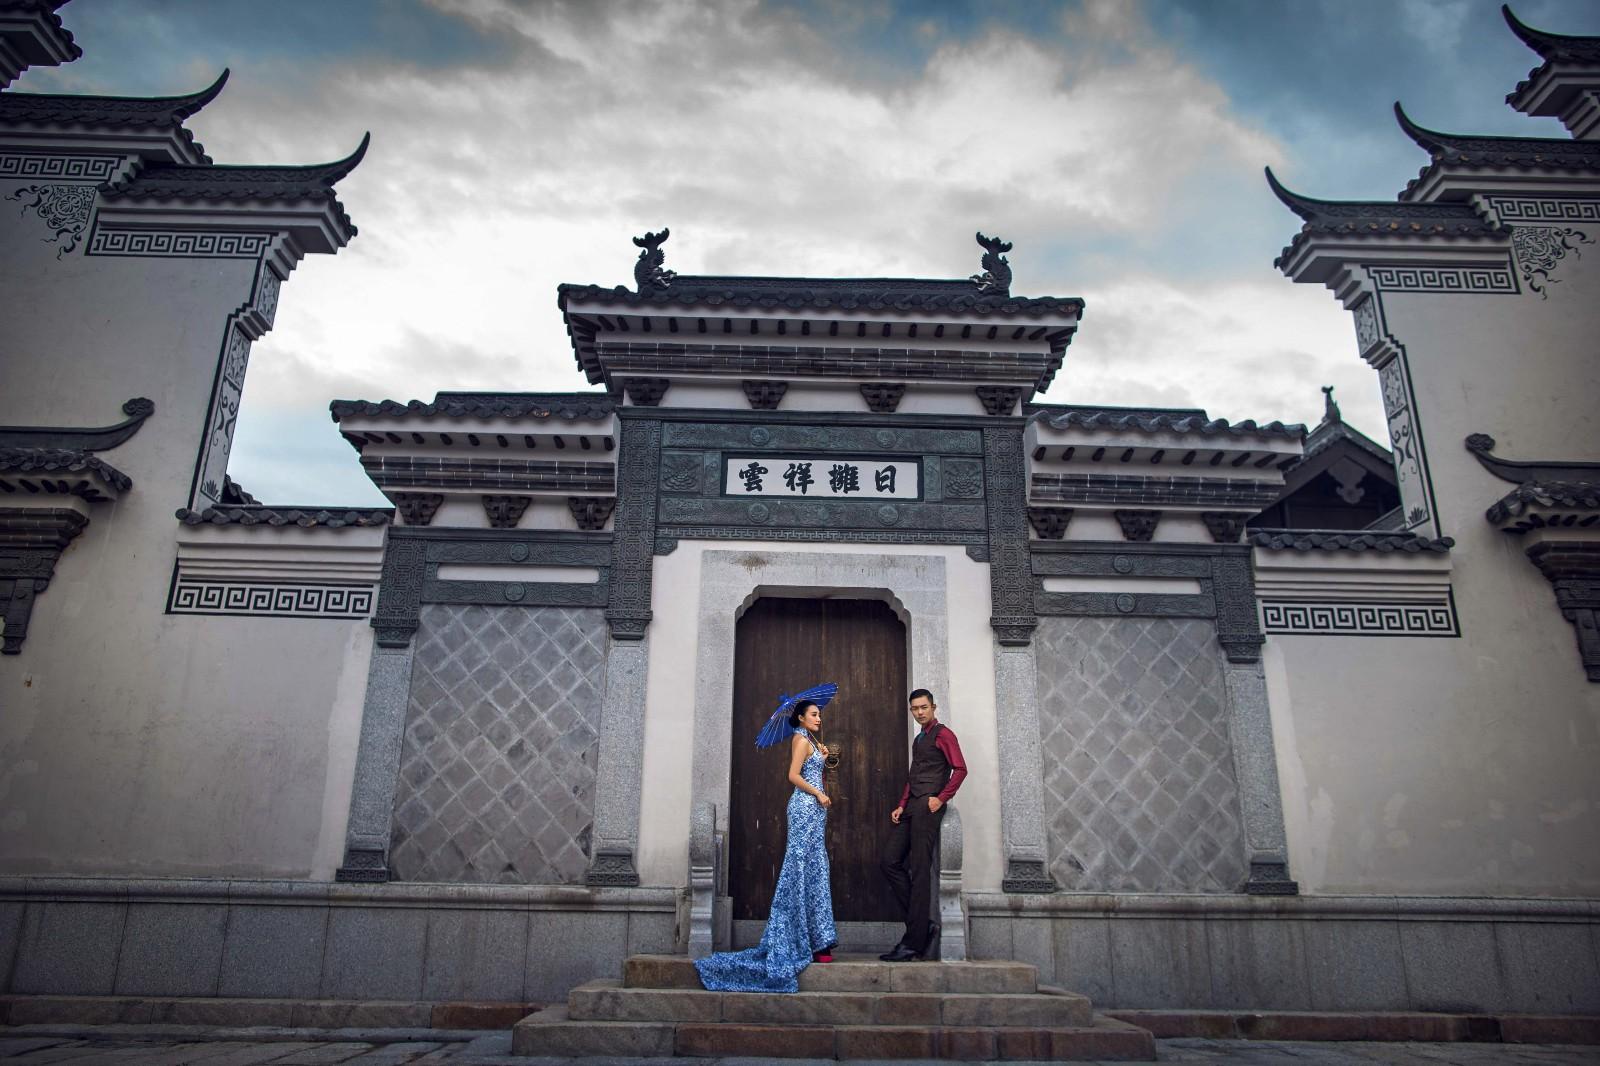 拍摄凤冠霞帔古装婚纱照注意事项